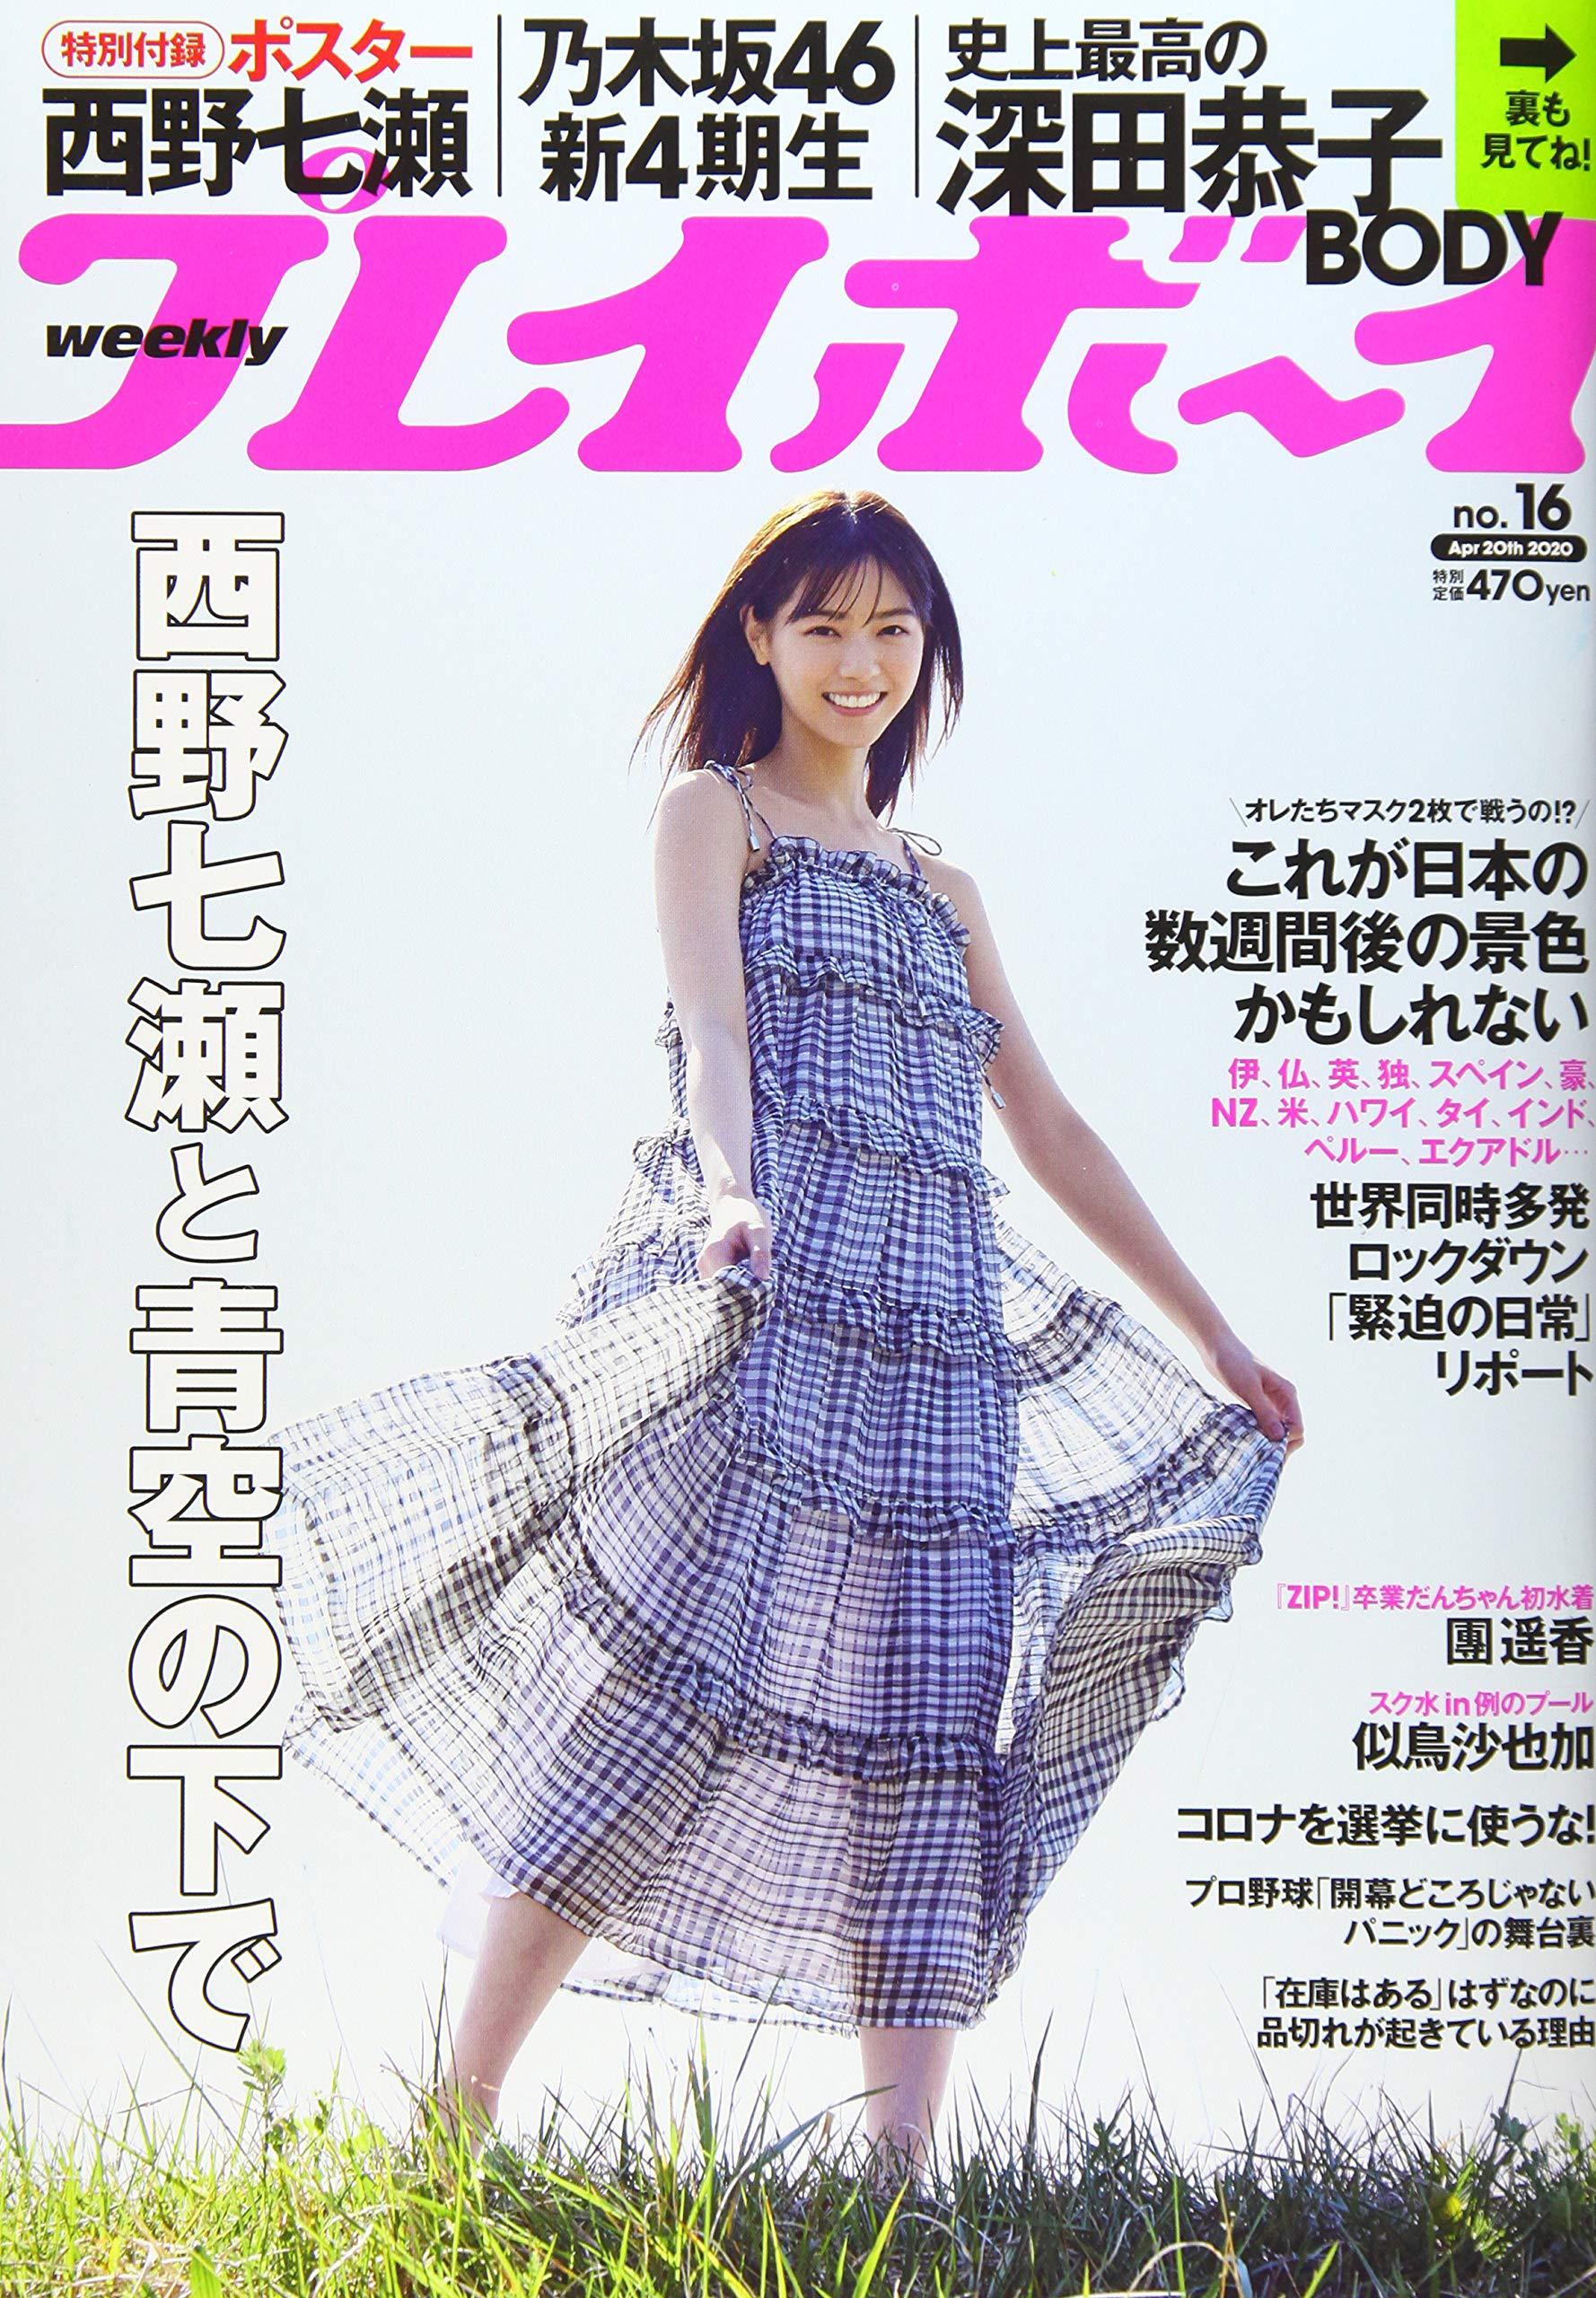 週刊プレイボーイ 2020年04月20日号 16号 乃木坂46 西野七瀬